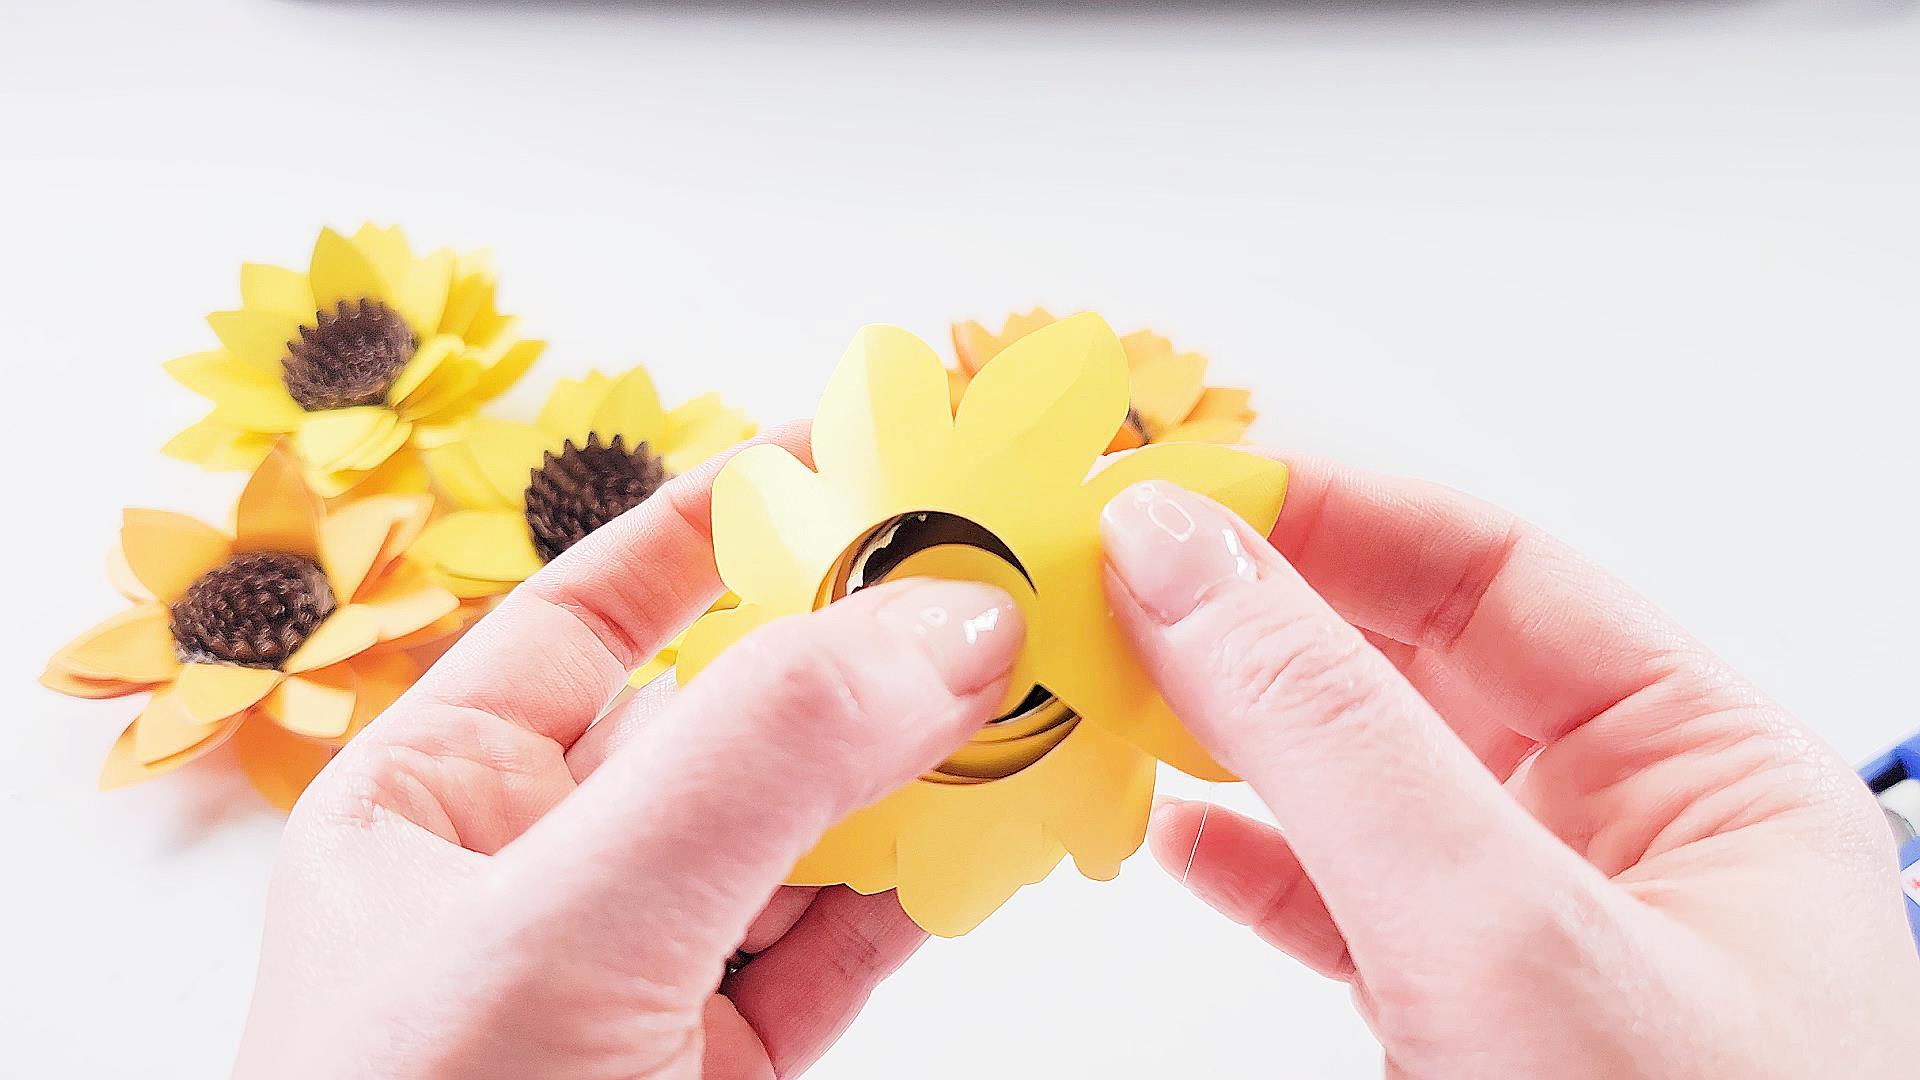 how to finish assembling a sunflower cricut flower